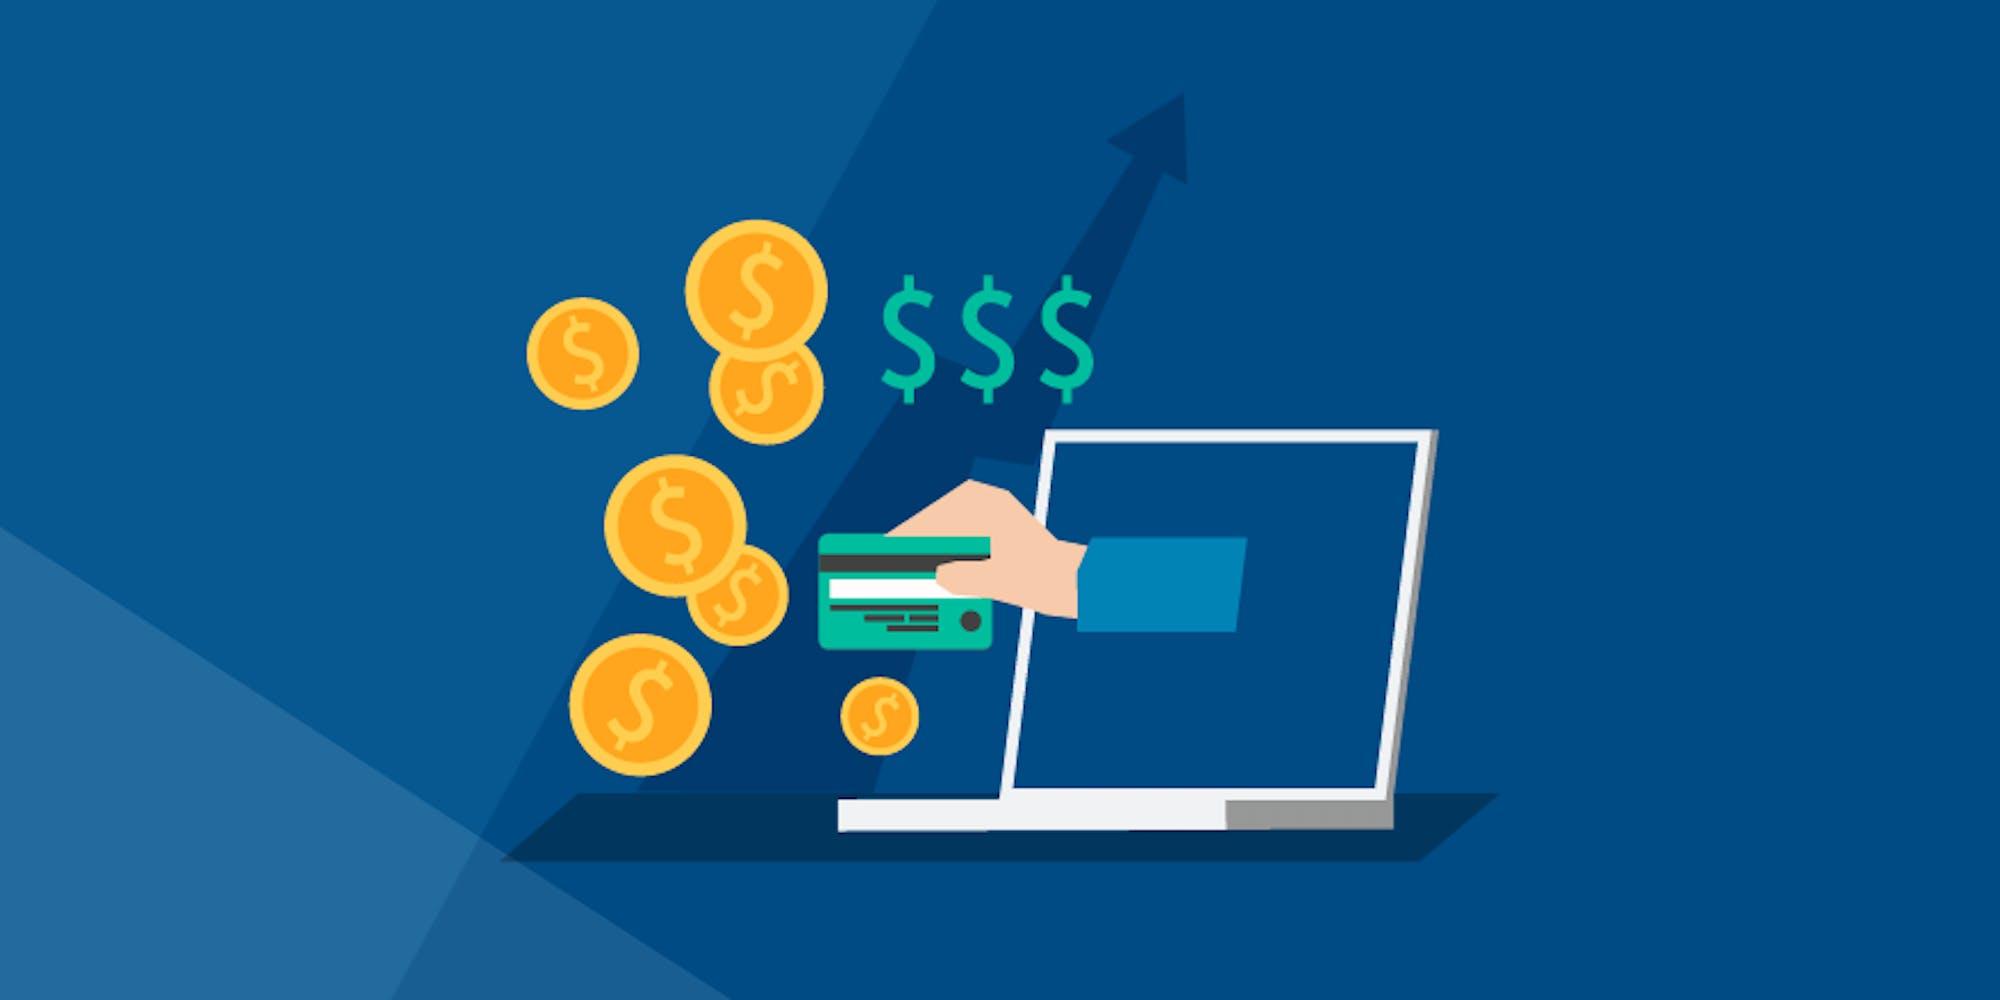 Softwarebudget kleine Unternehmen 2019